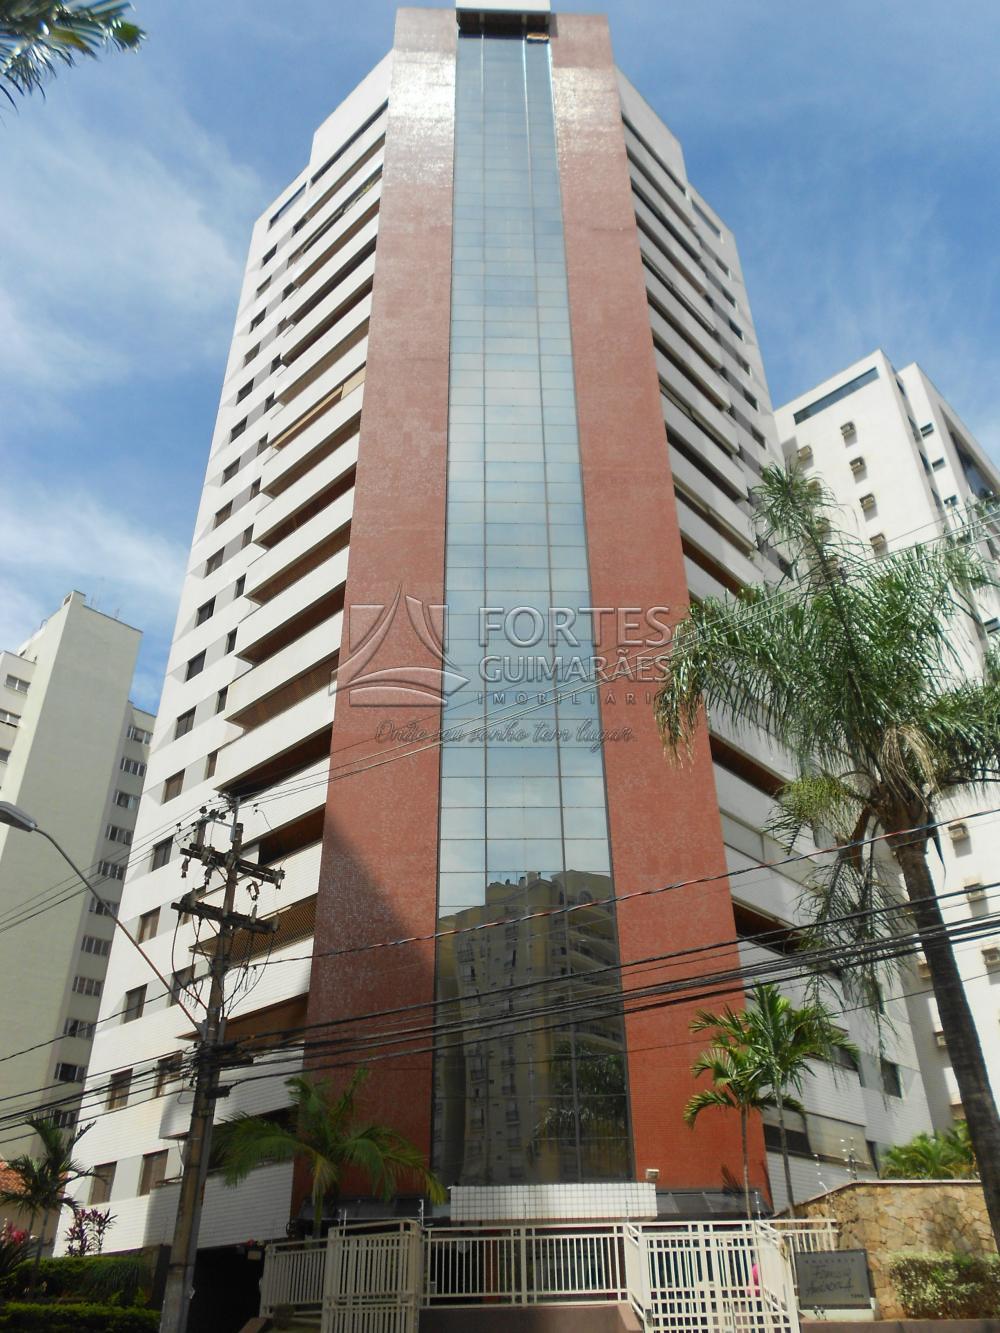 Alugar Apartamentos / Padrão em Ribeirão Preto apenas R$ 1.800,00 - Foto 1